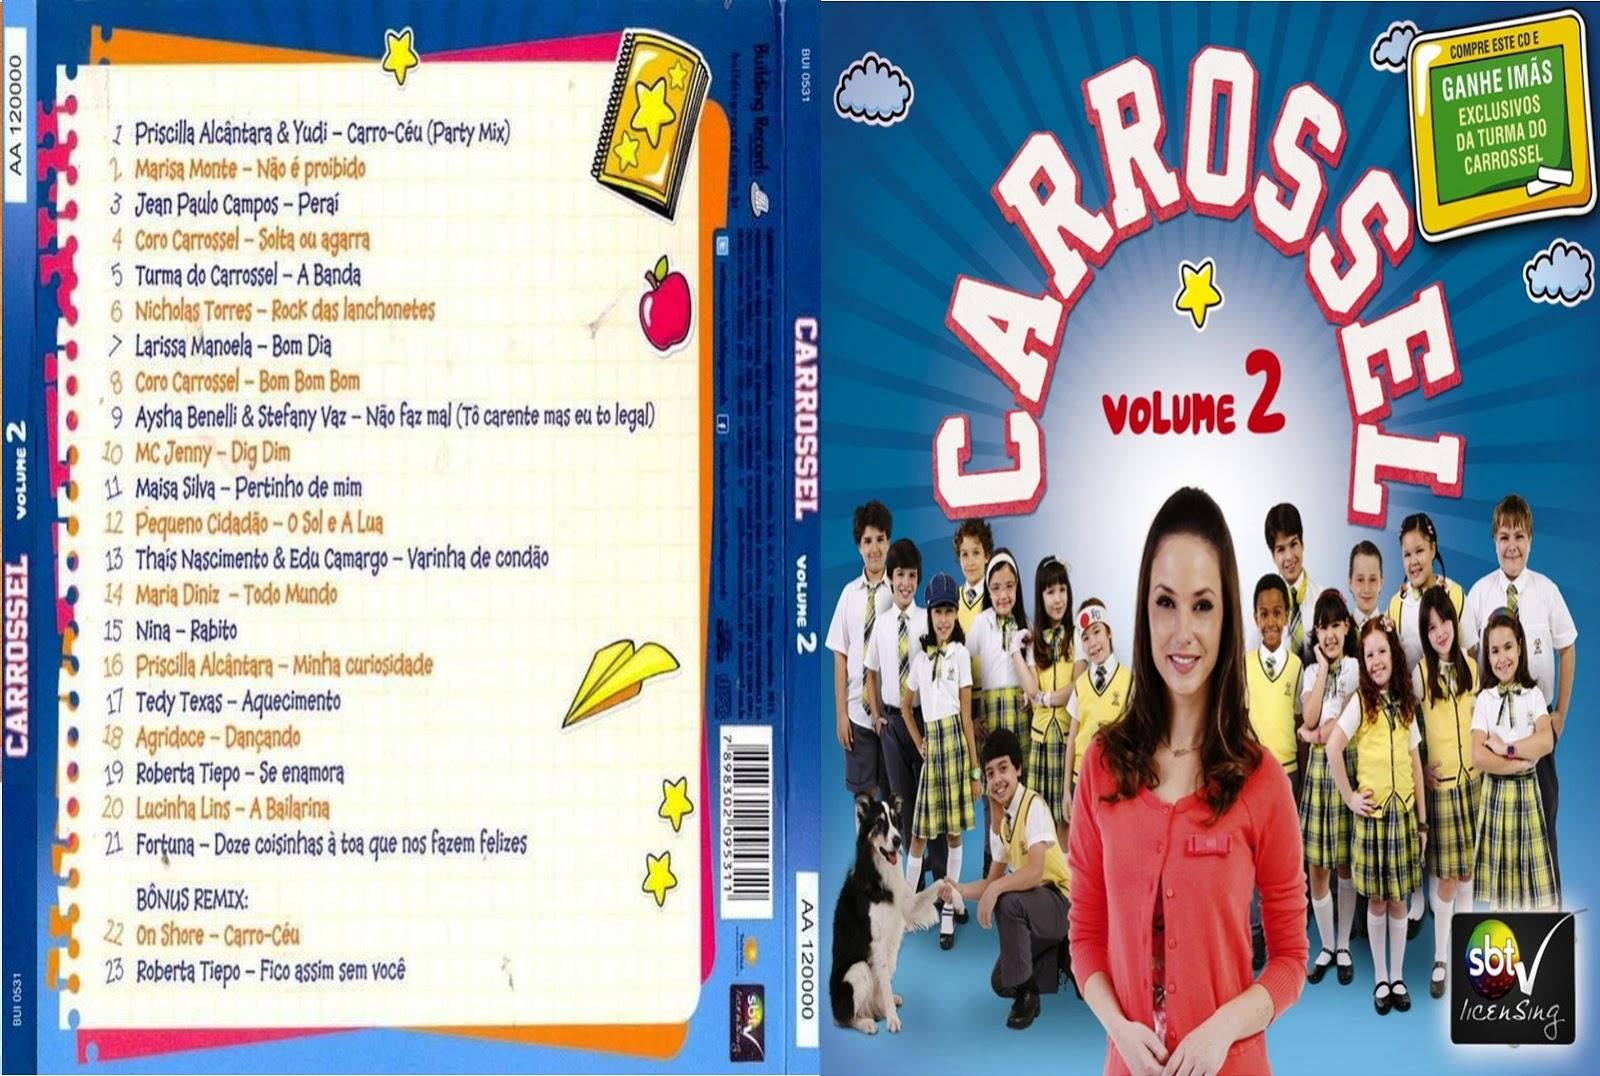 cd do carrossel volume 2 gratis